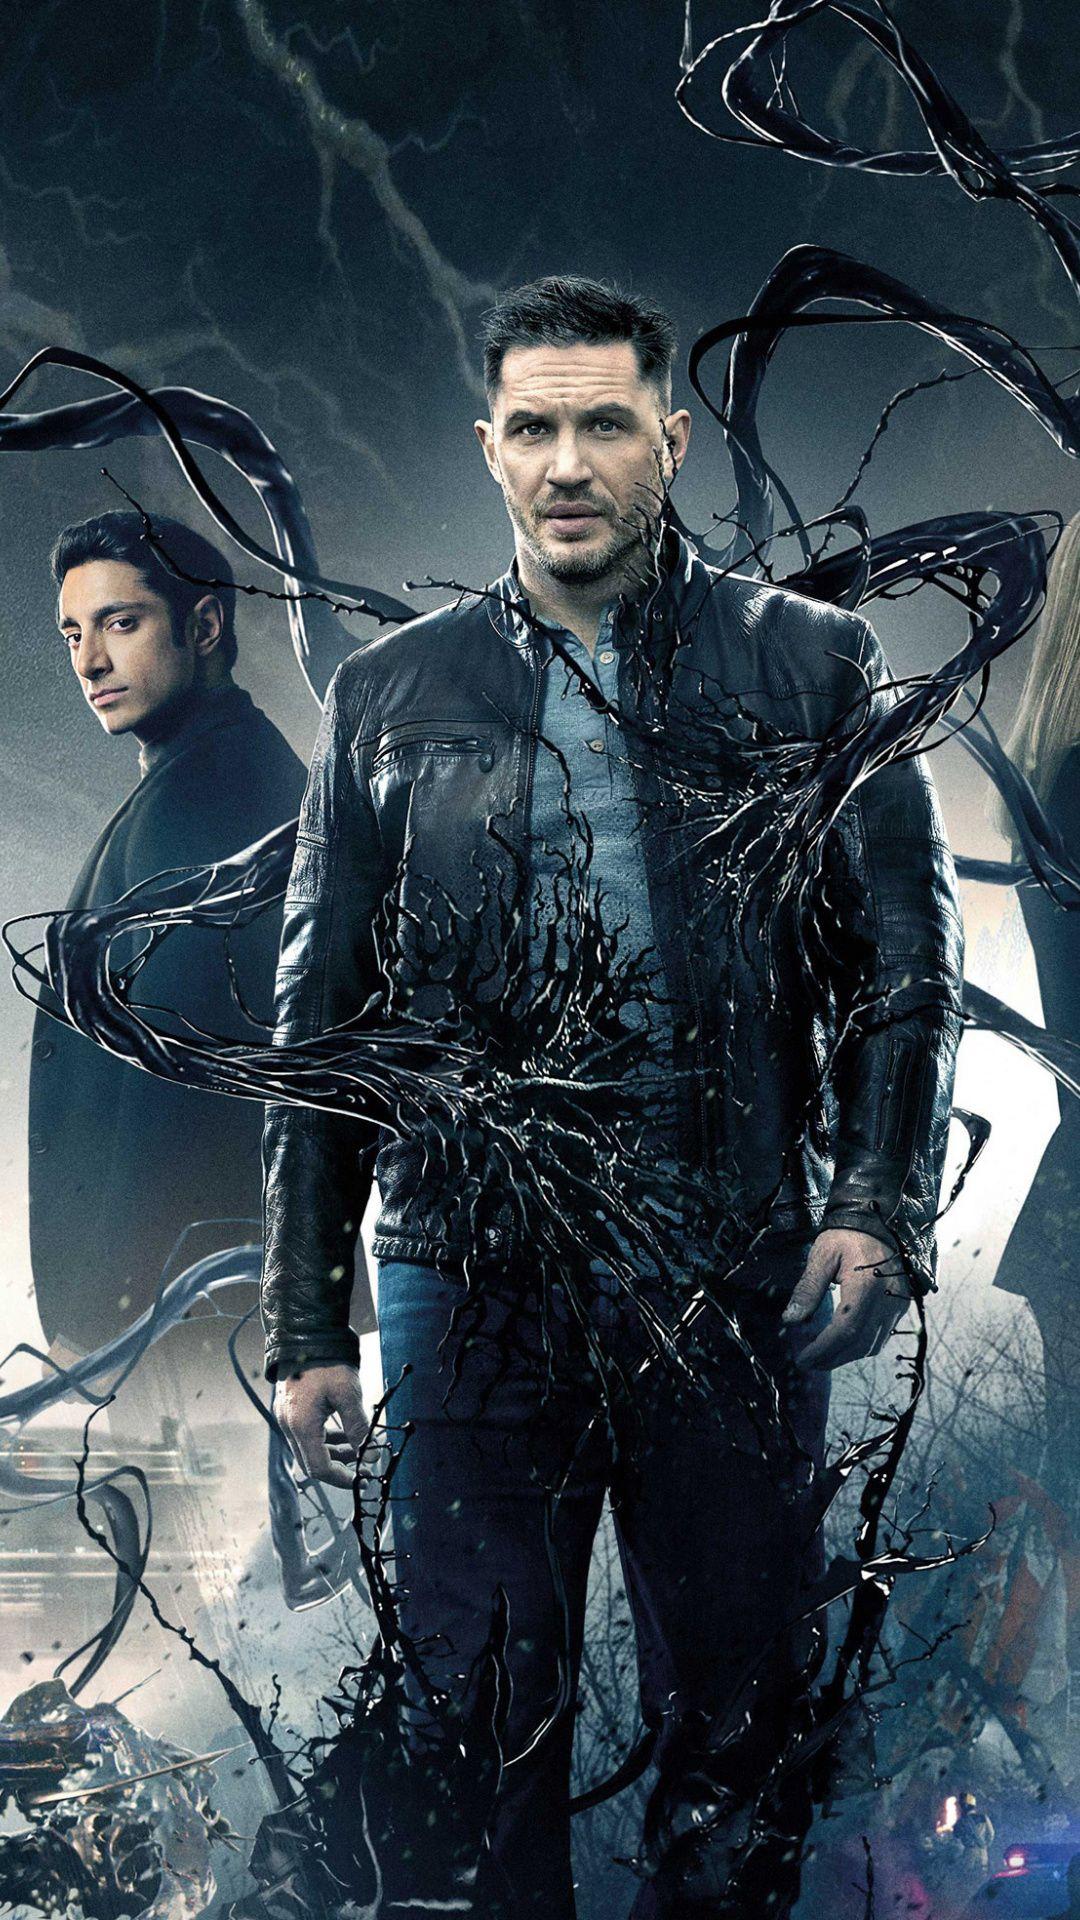 Venom Movie Lead Cast 2018 Movie Official Poster 1080x1920 Wallpaper Venom Movie Venom Film Venom